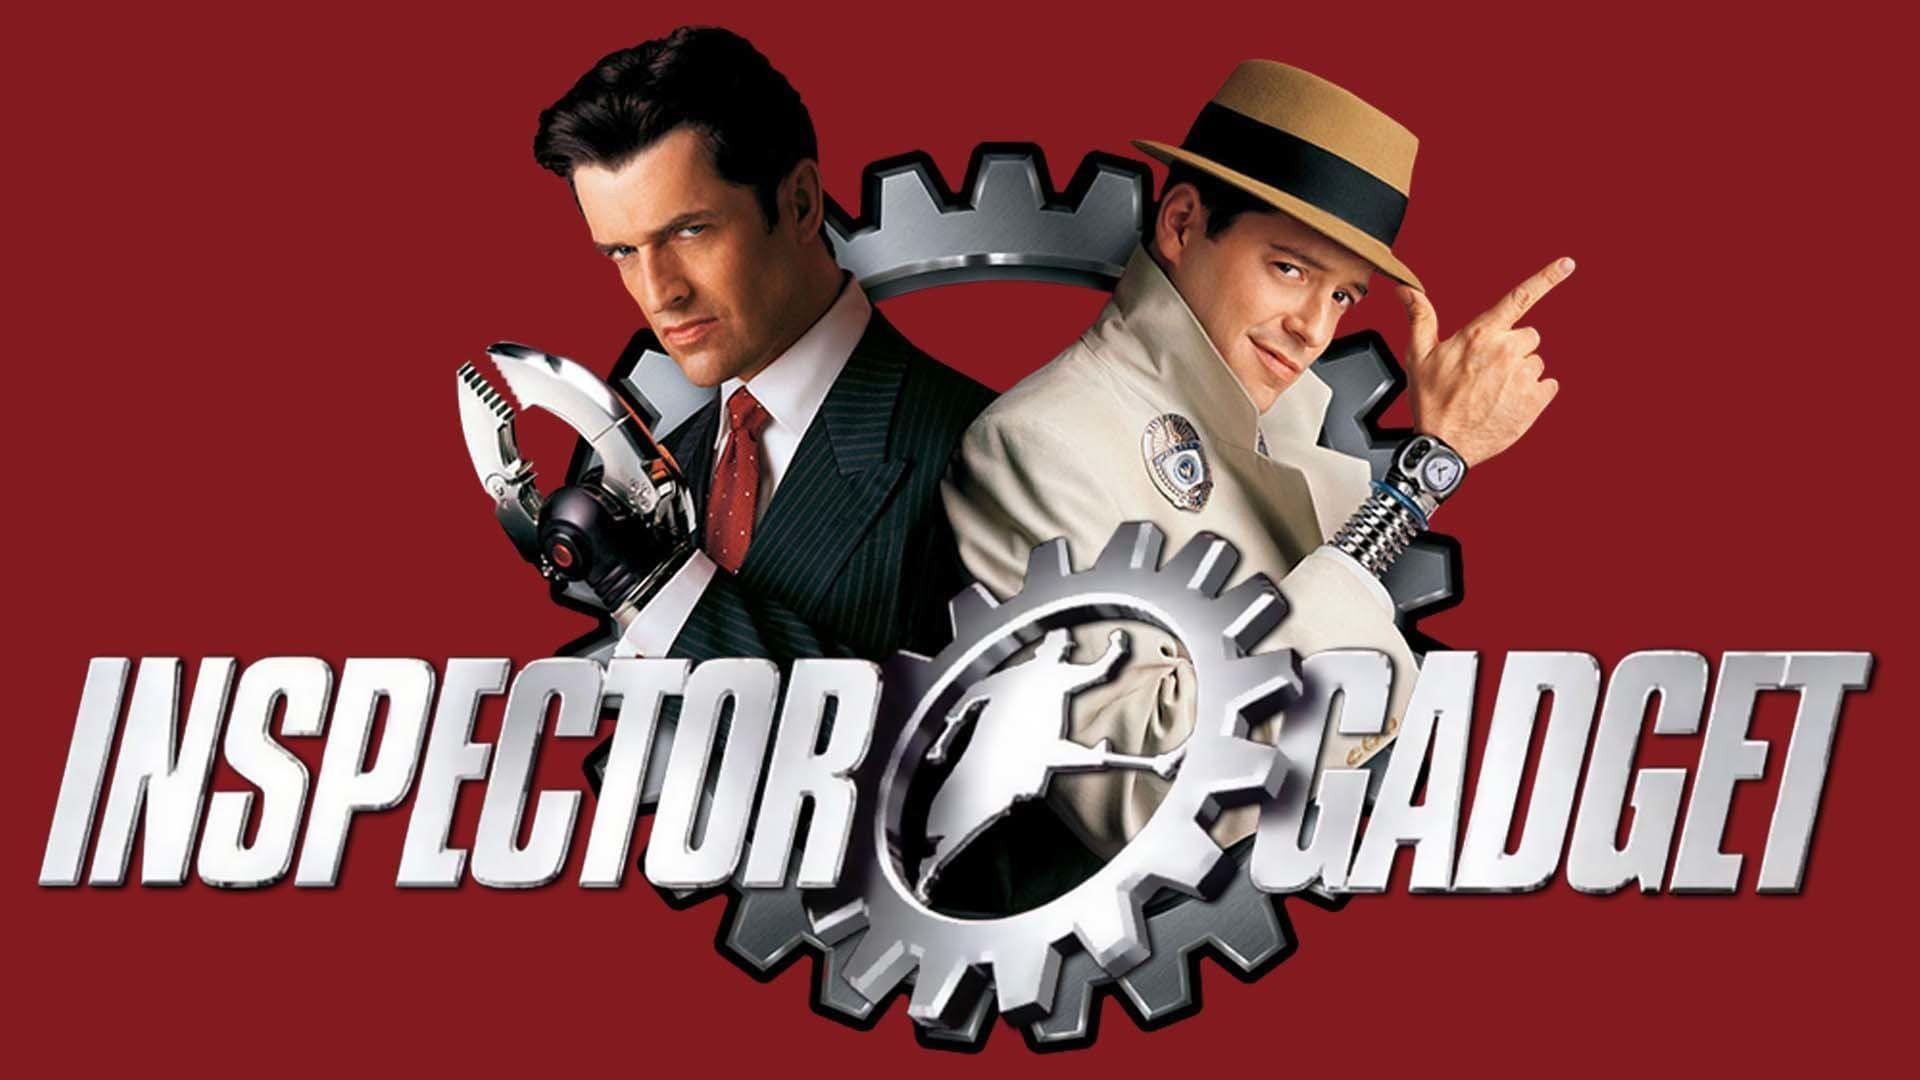 Inspector Gadget 1999 Streaming Ita Cb01 Film Completo Italiano Altadefinizione Un Giovane Investigatore E Vitti Films Complets Avengers Film Inspecteur Gadget